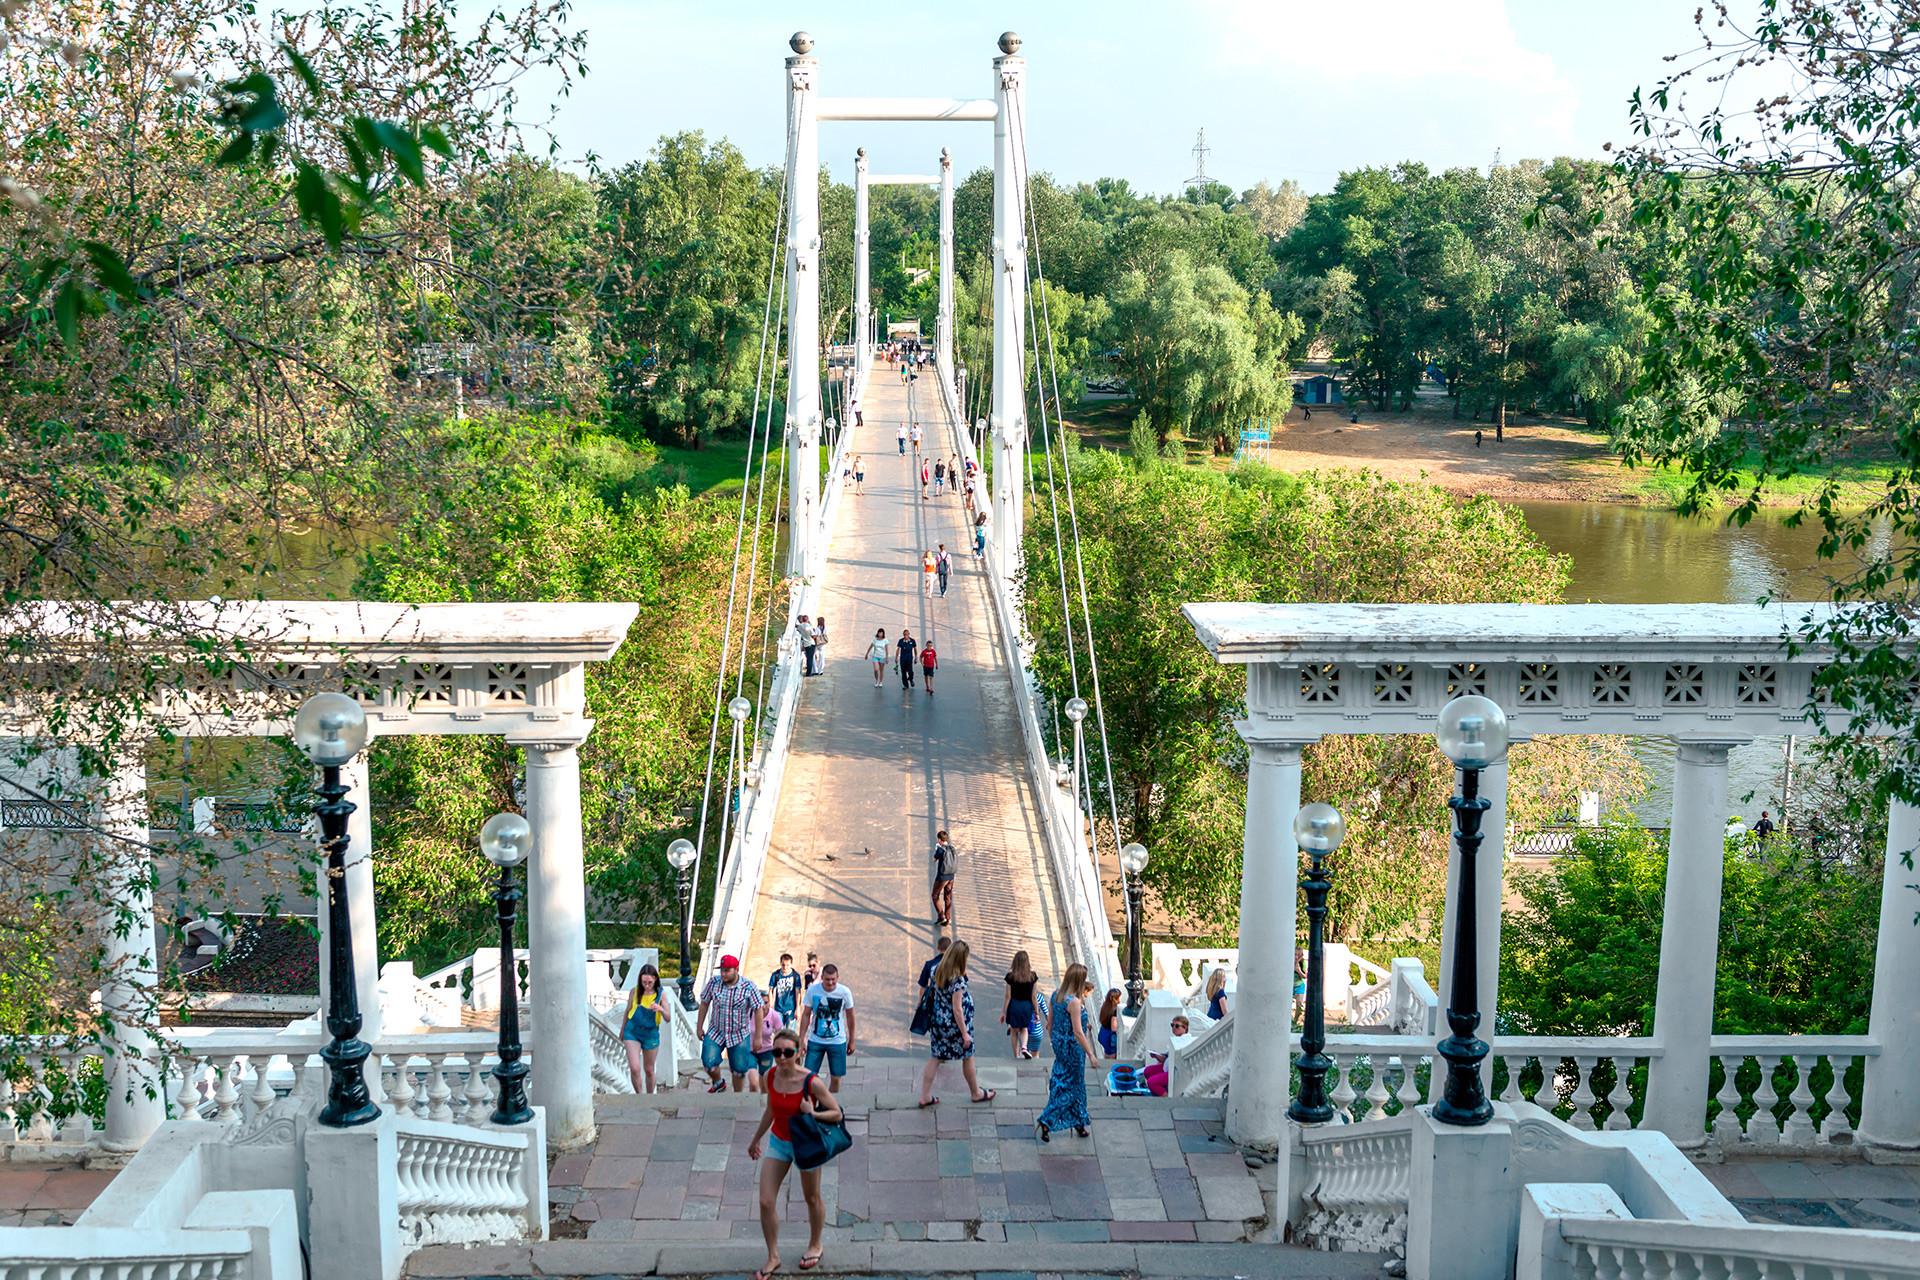 ウラル川にかかる橋